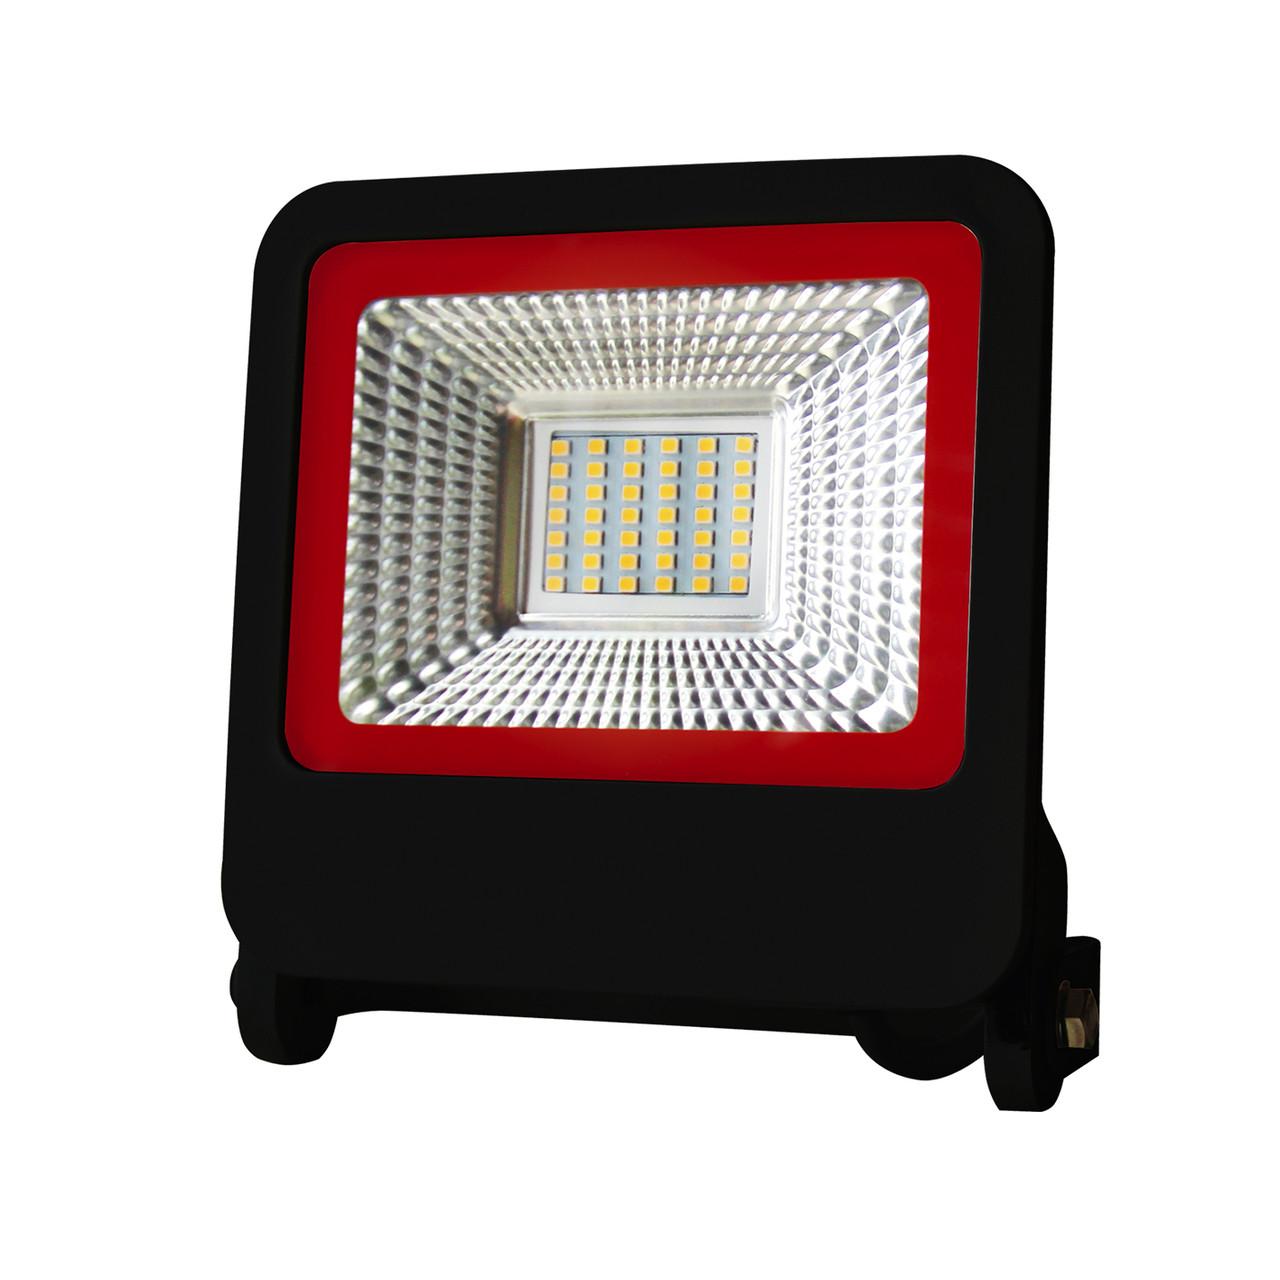 EUROELECTRIC LED SMD Прожектор  чёрний с радиатором NEW 30W 6500K